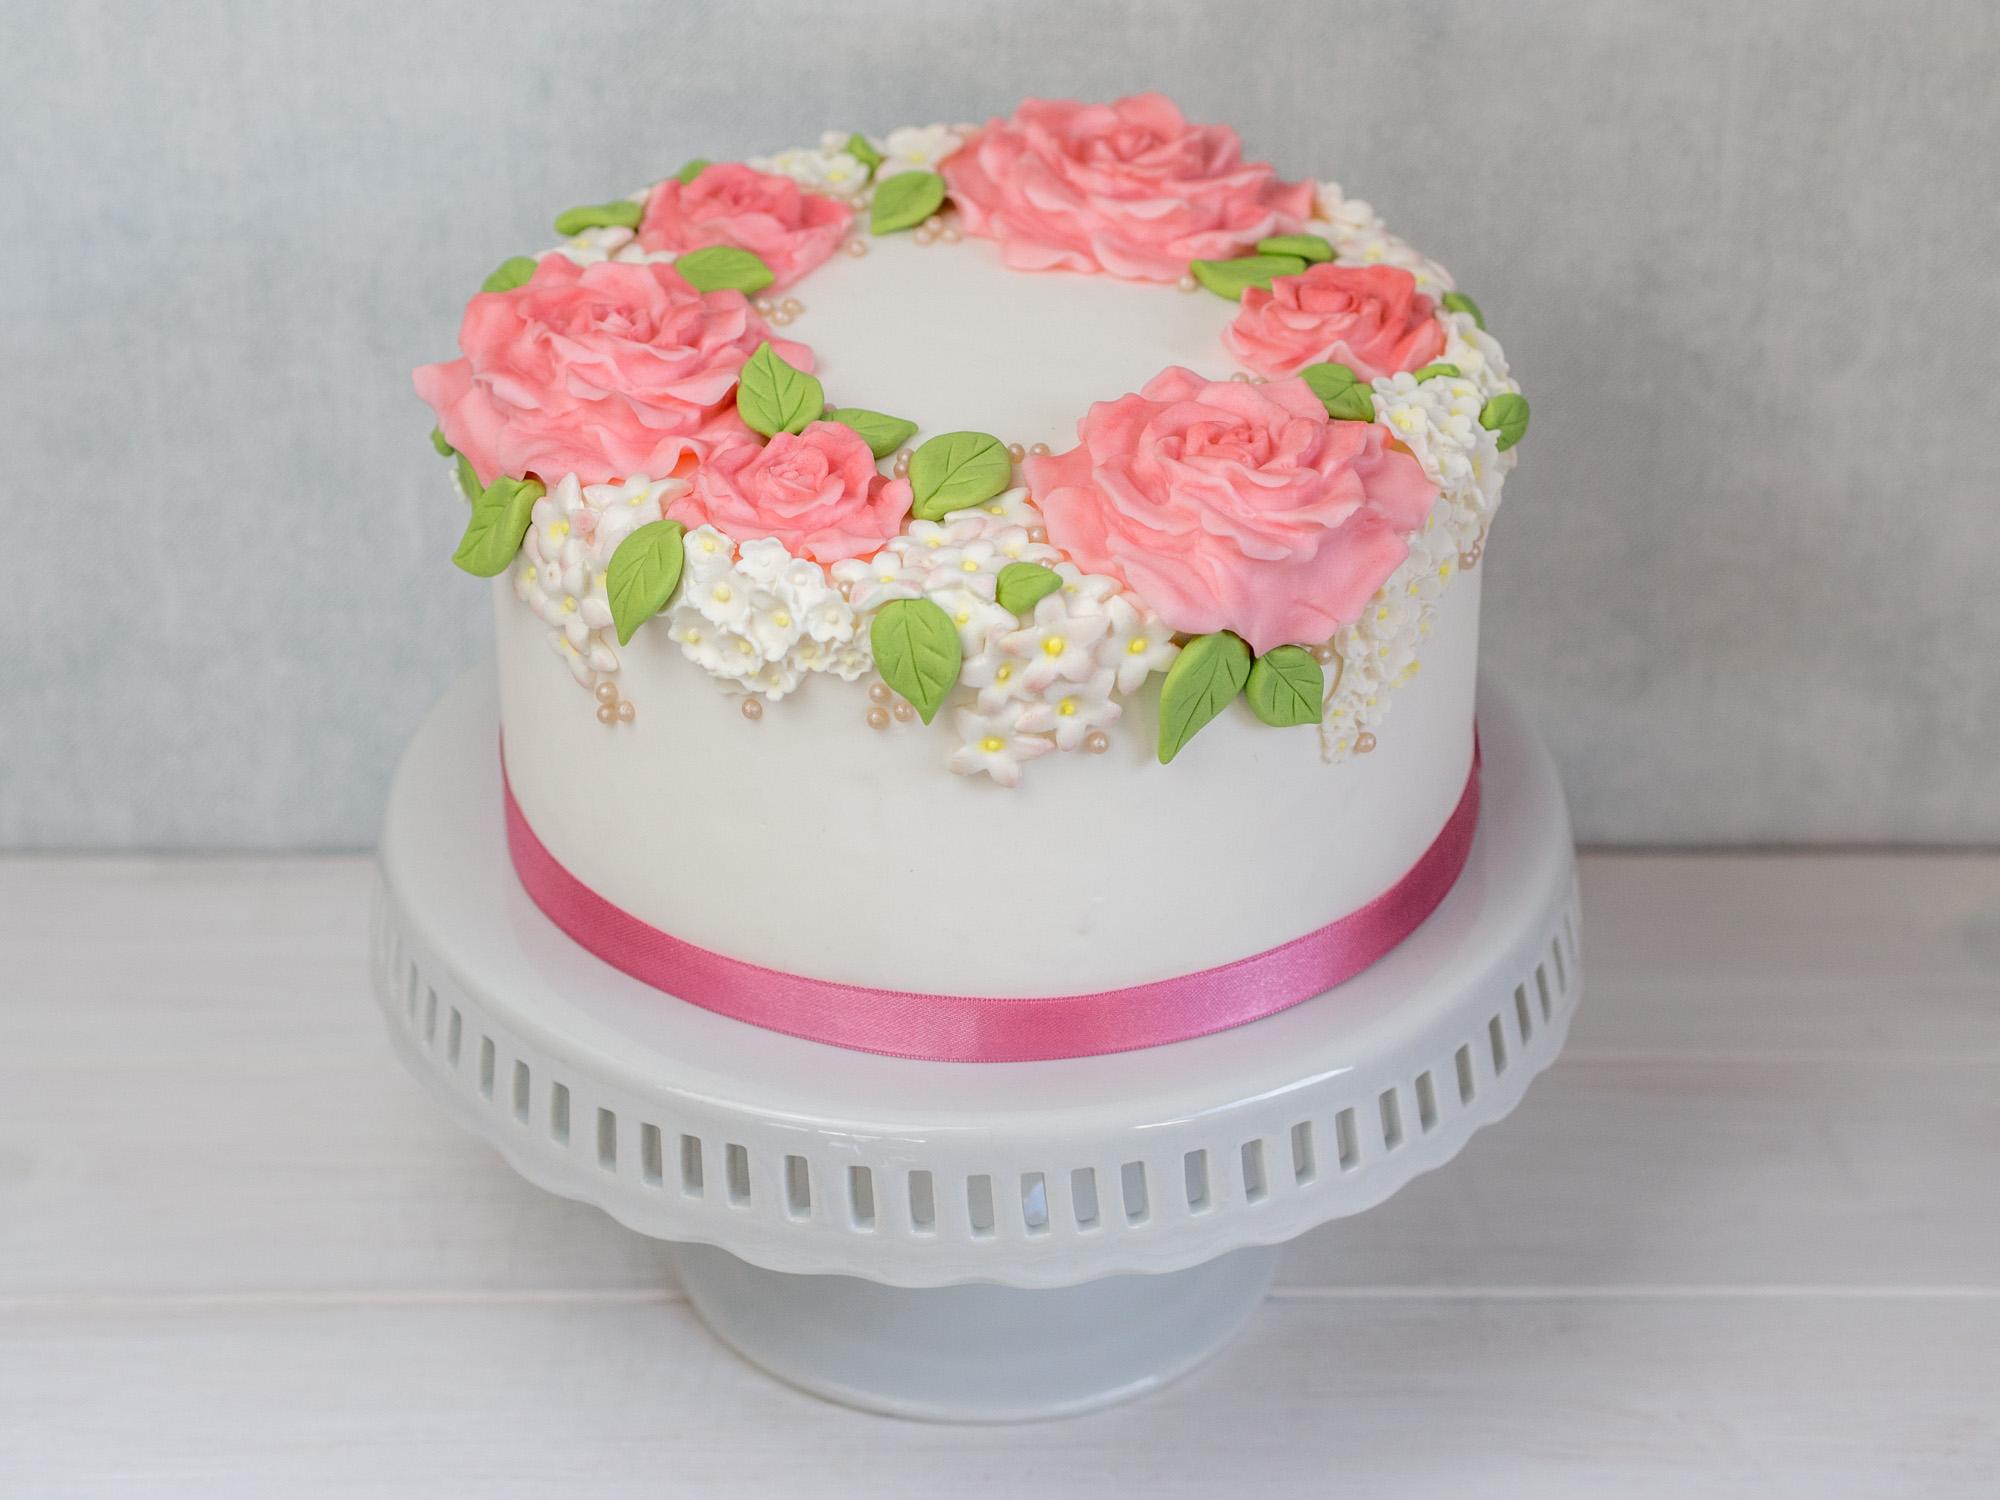 Einfache Hochzeitstorte Selber Machen Blumenkranz Torte